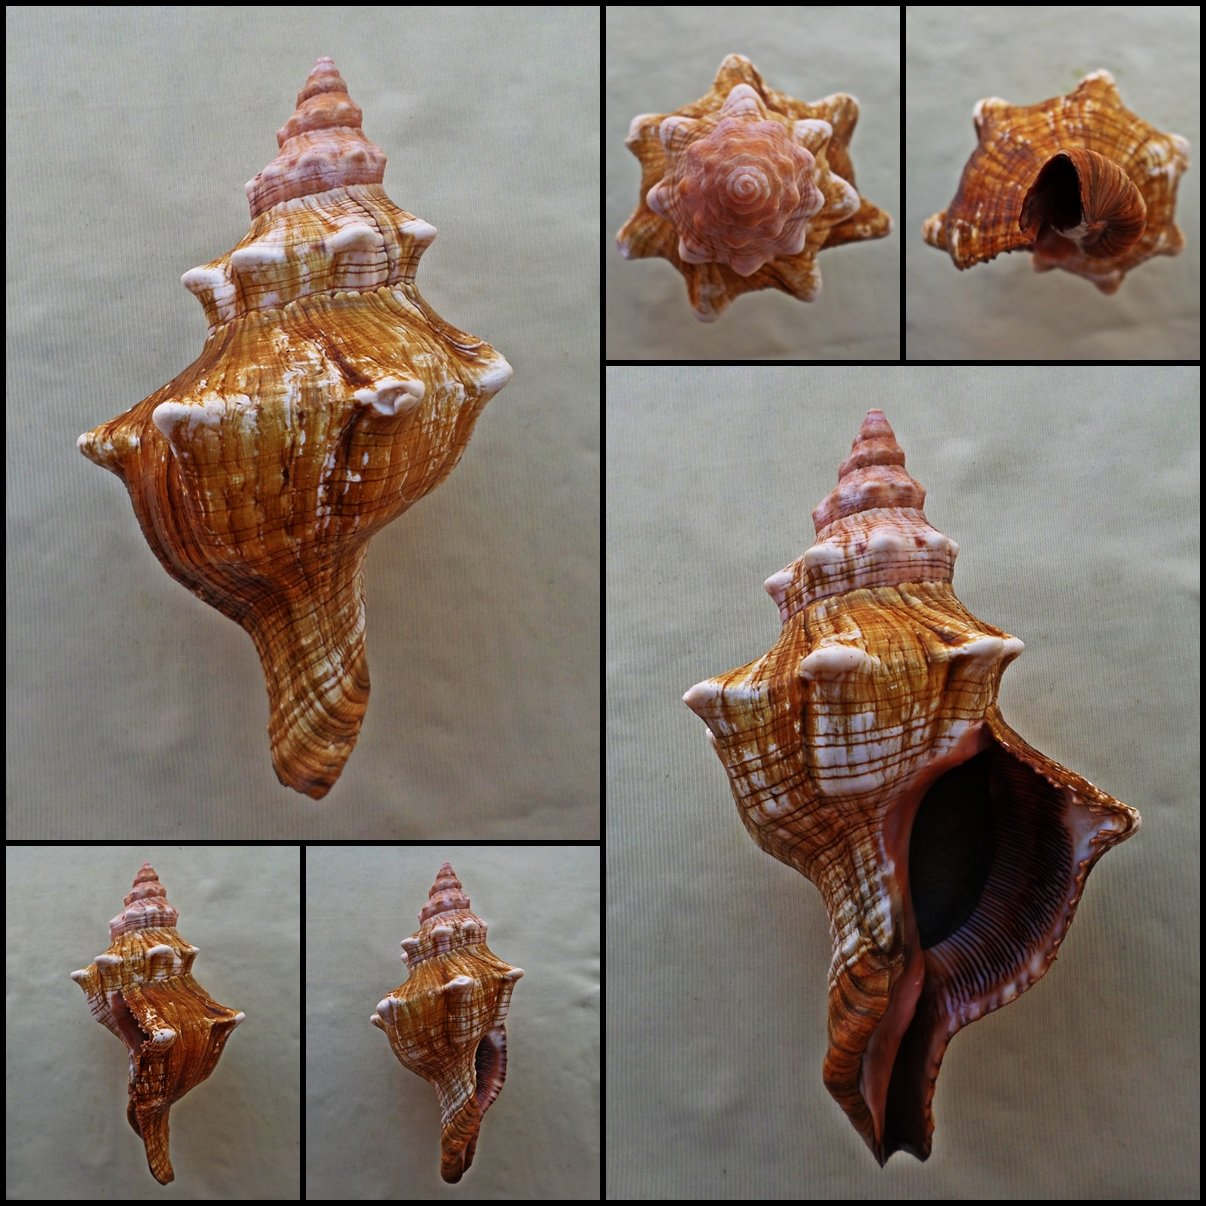 BLB03 - Pleuroploca trapezium